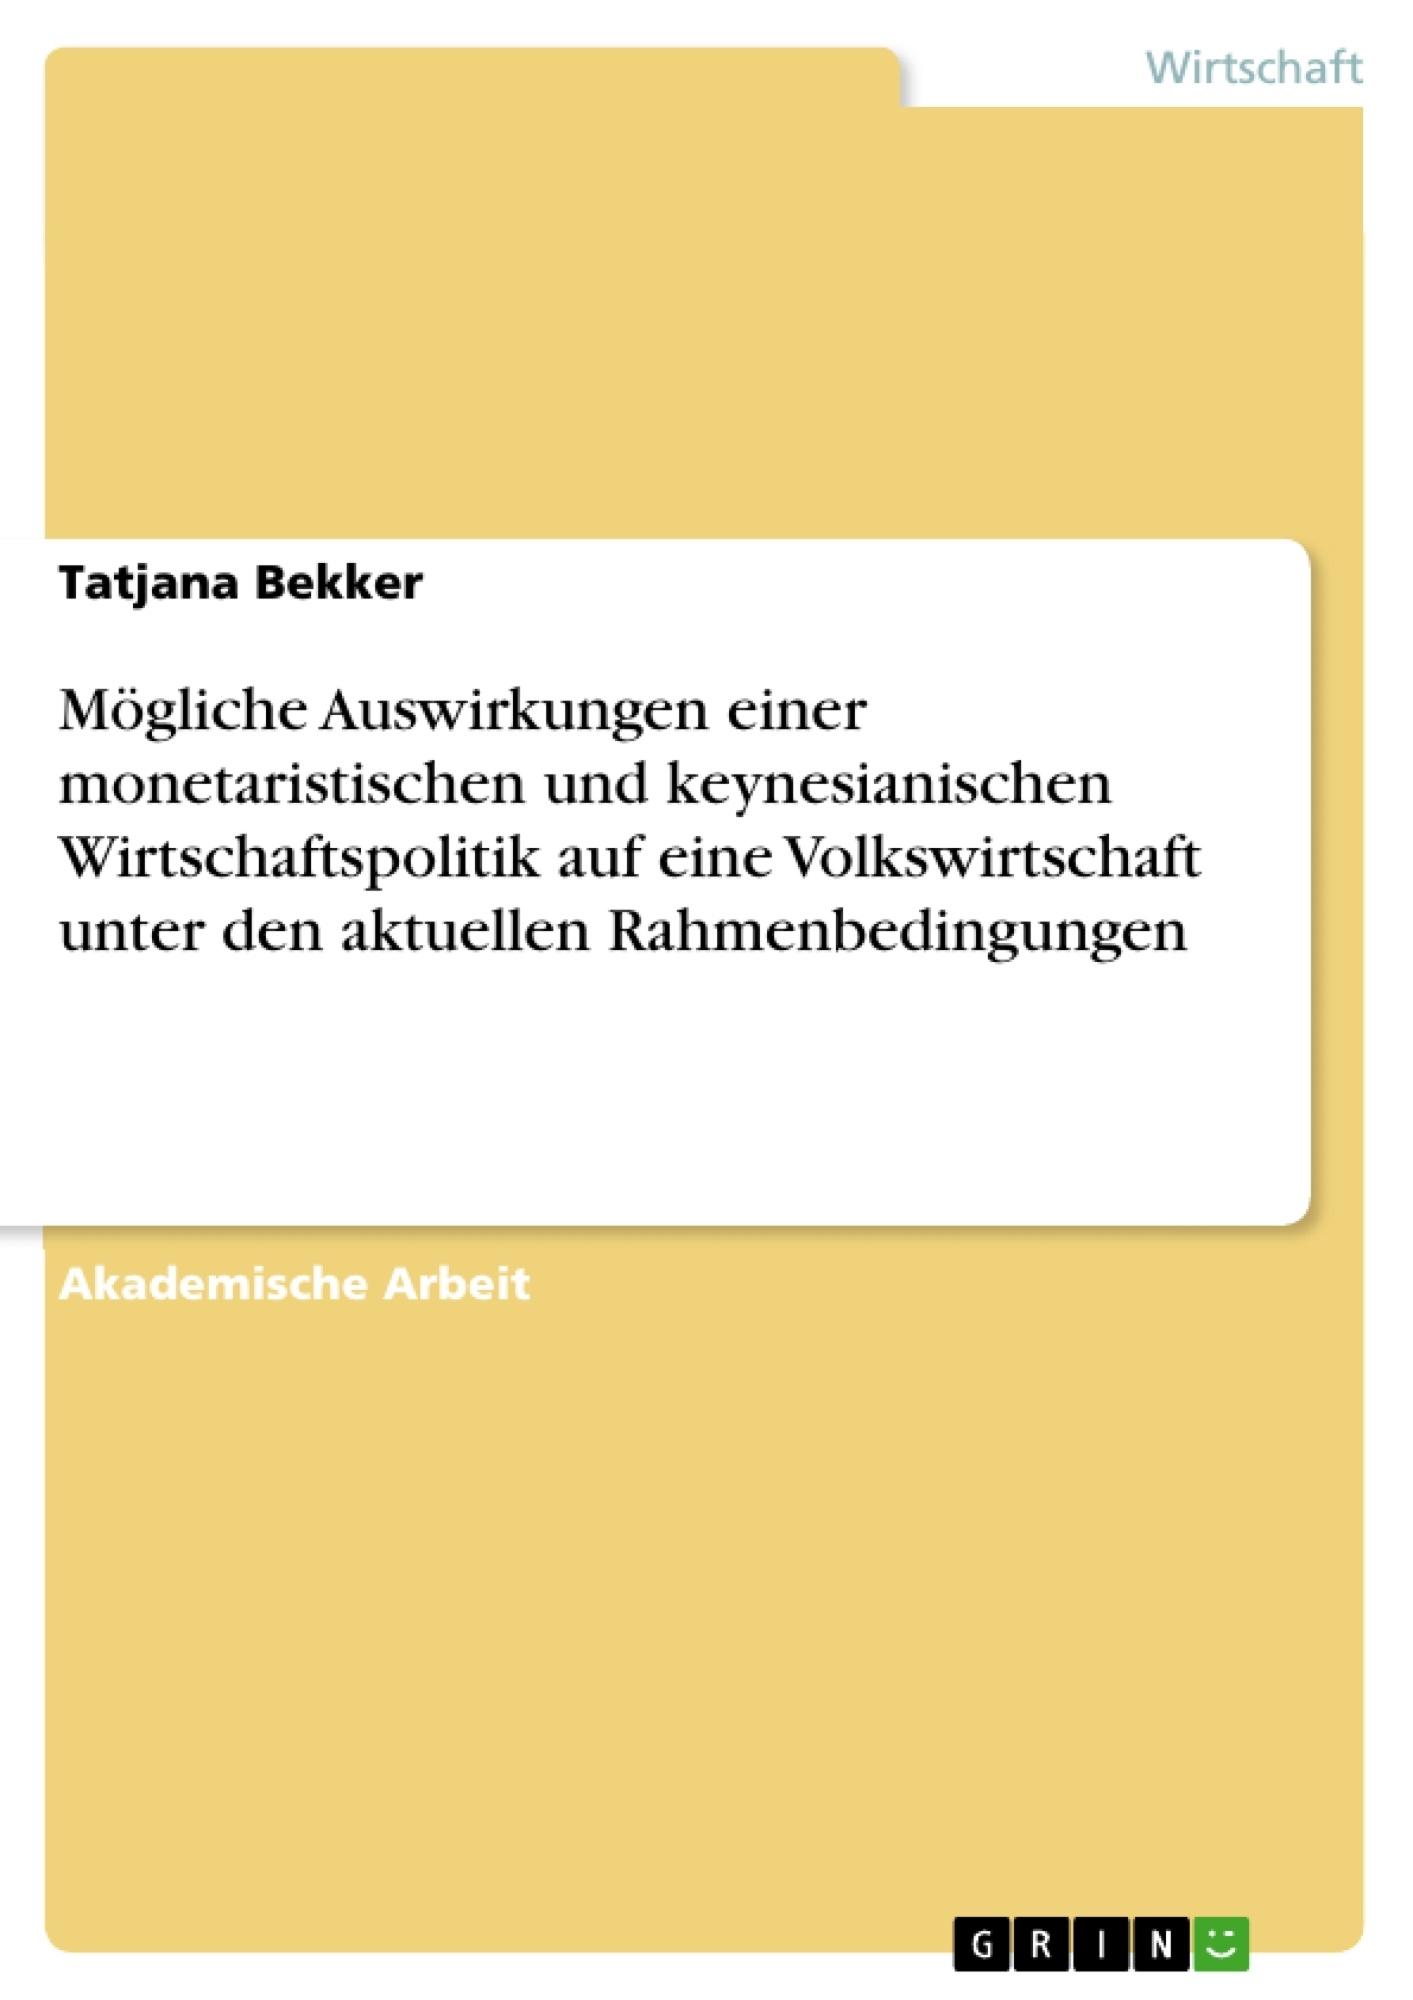 Titel: Mögliche Auswirkungen einer monetaristischen und keynesianischen Wirtschaftspolitik auf eine Volkswirtschaft unter den aktuellen Rahmenbedingungen